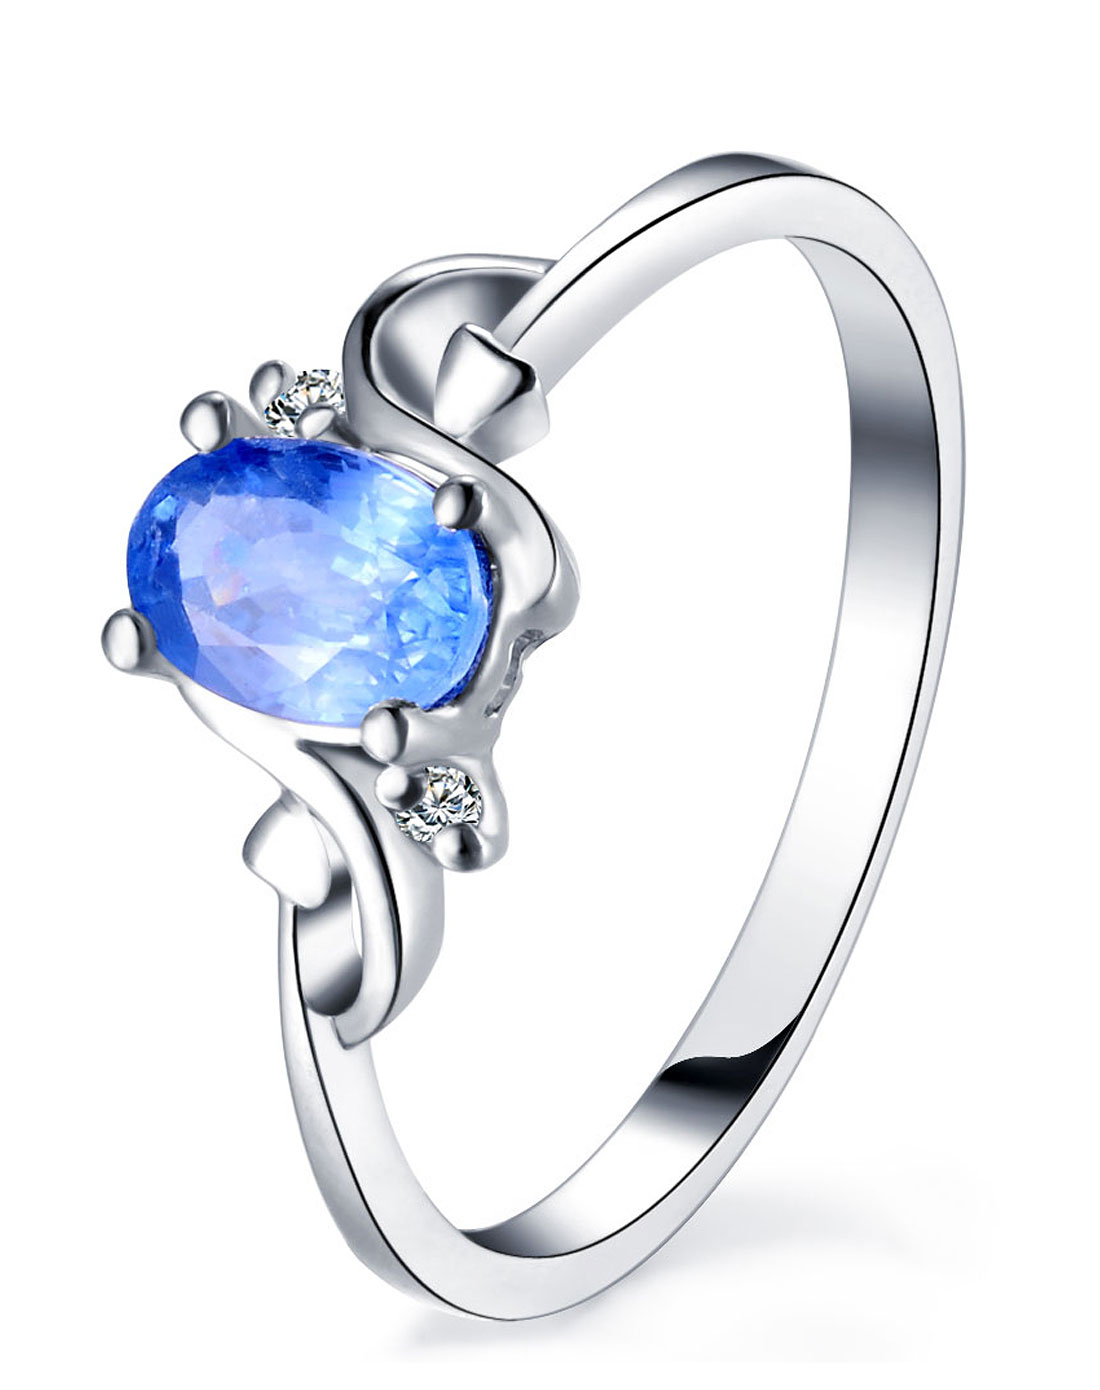 9k白金蓝宝石戒指/结婚女戒 彩色宝石r1076图片